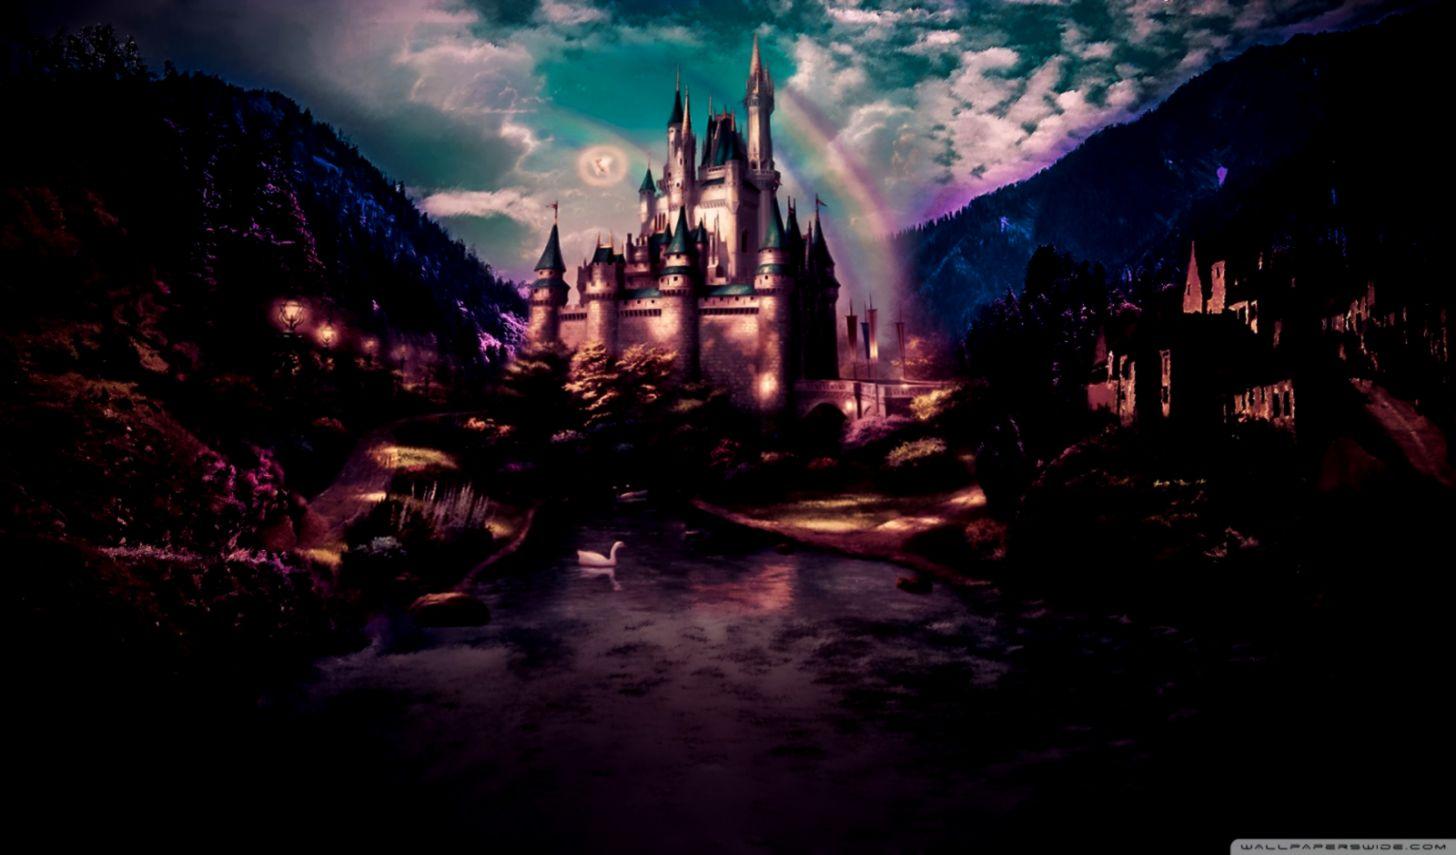 Dark Castle Land Fairytale 4k Hd Desktop Wallpaper Castle Fairytale Wallpaper Hd 2049410 Hd Wallpaper Backgrounds Download